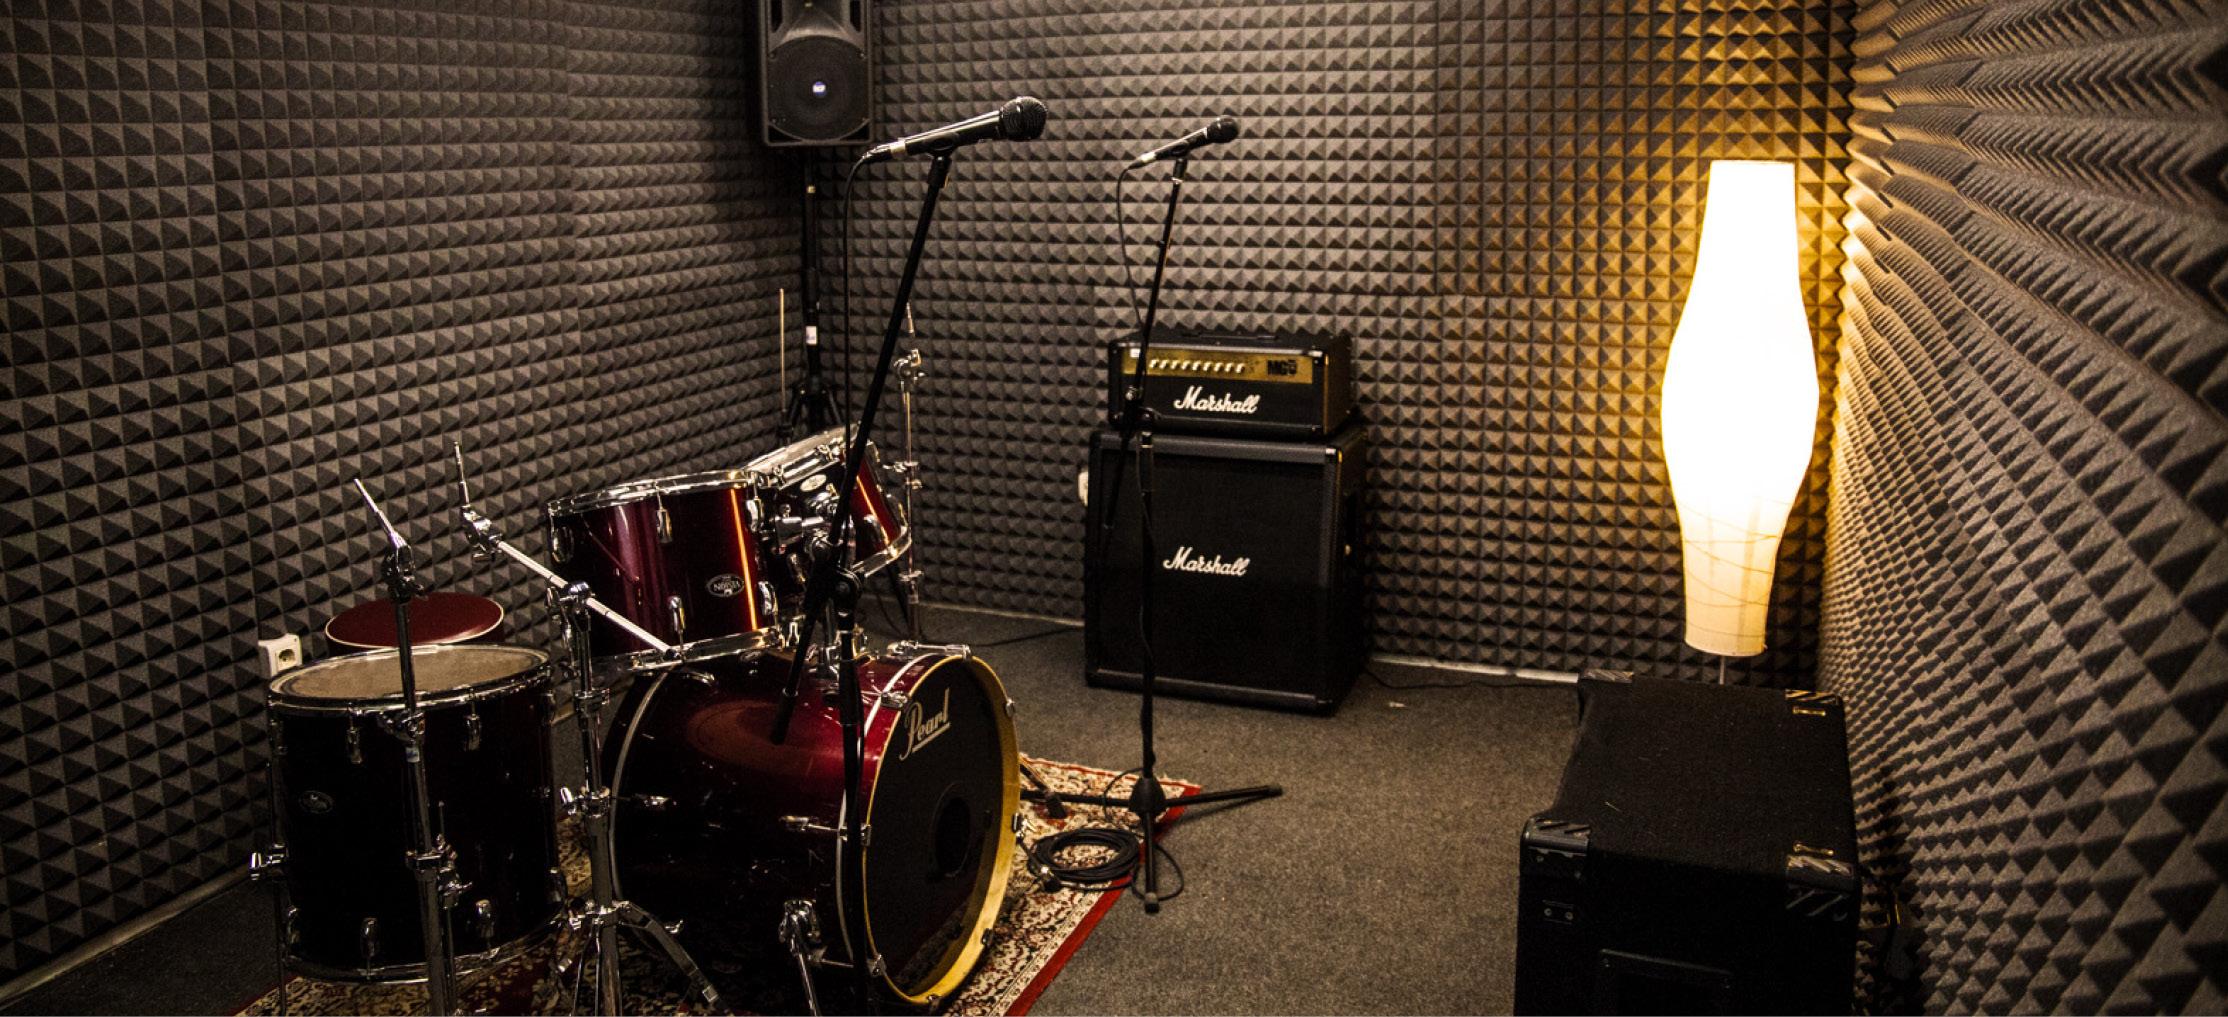 Foto di batteria, microfoni, amplificatore chitarra e basso nella sala 4